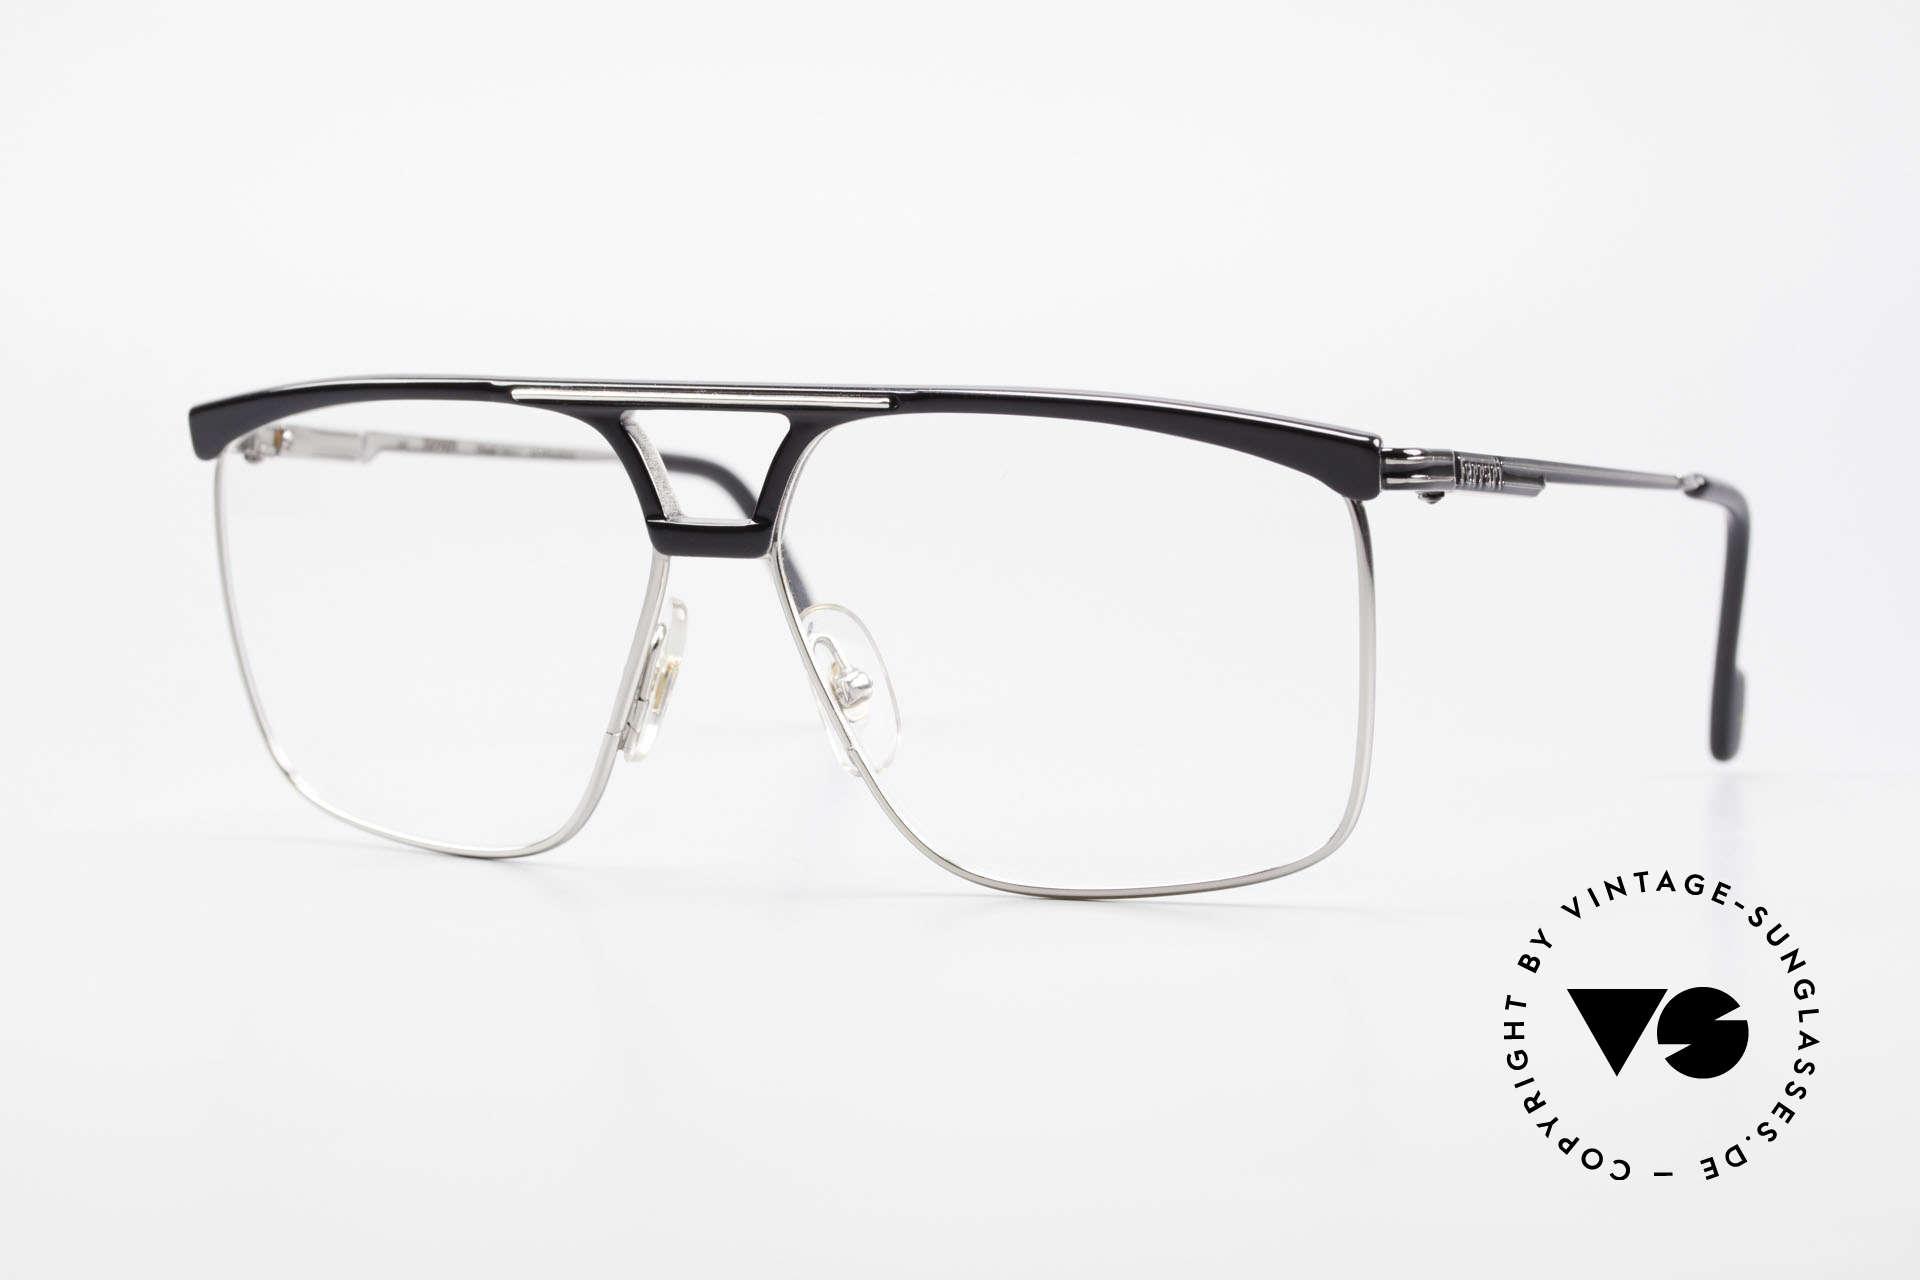 Ferrari F35 Large Vintage Men's Eyeglasses, very masculine Ferrari FORMULA 1 vintage eyeglasses, Made for Men